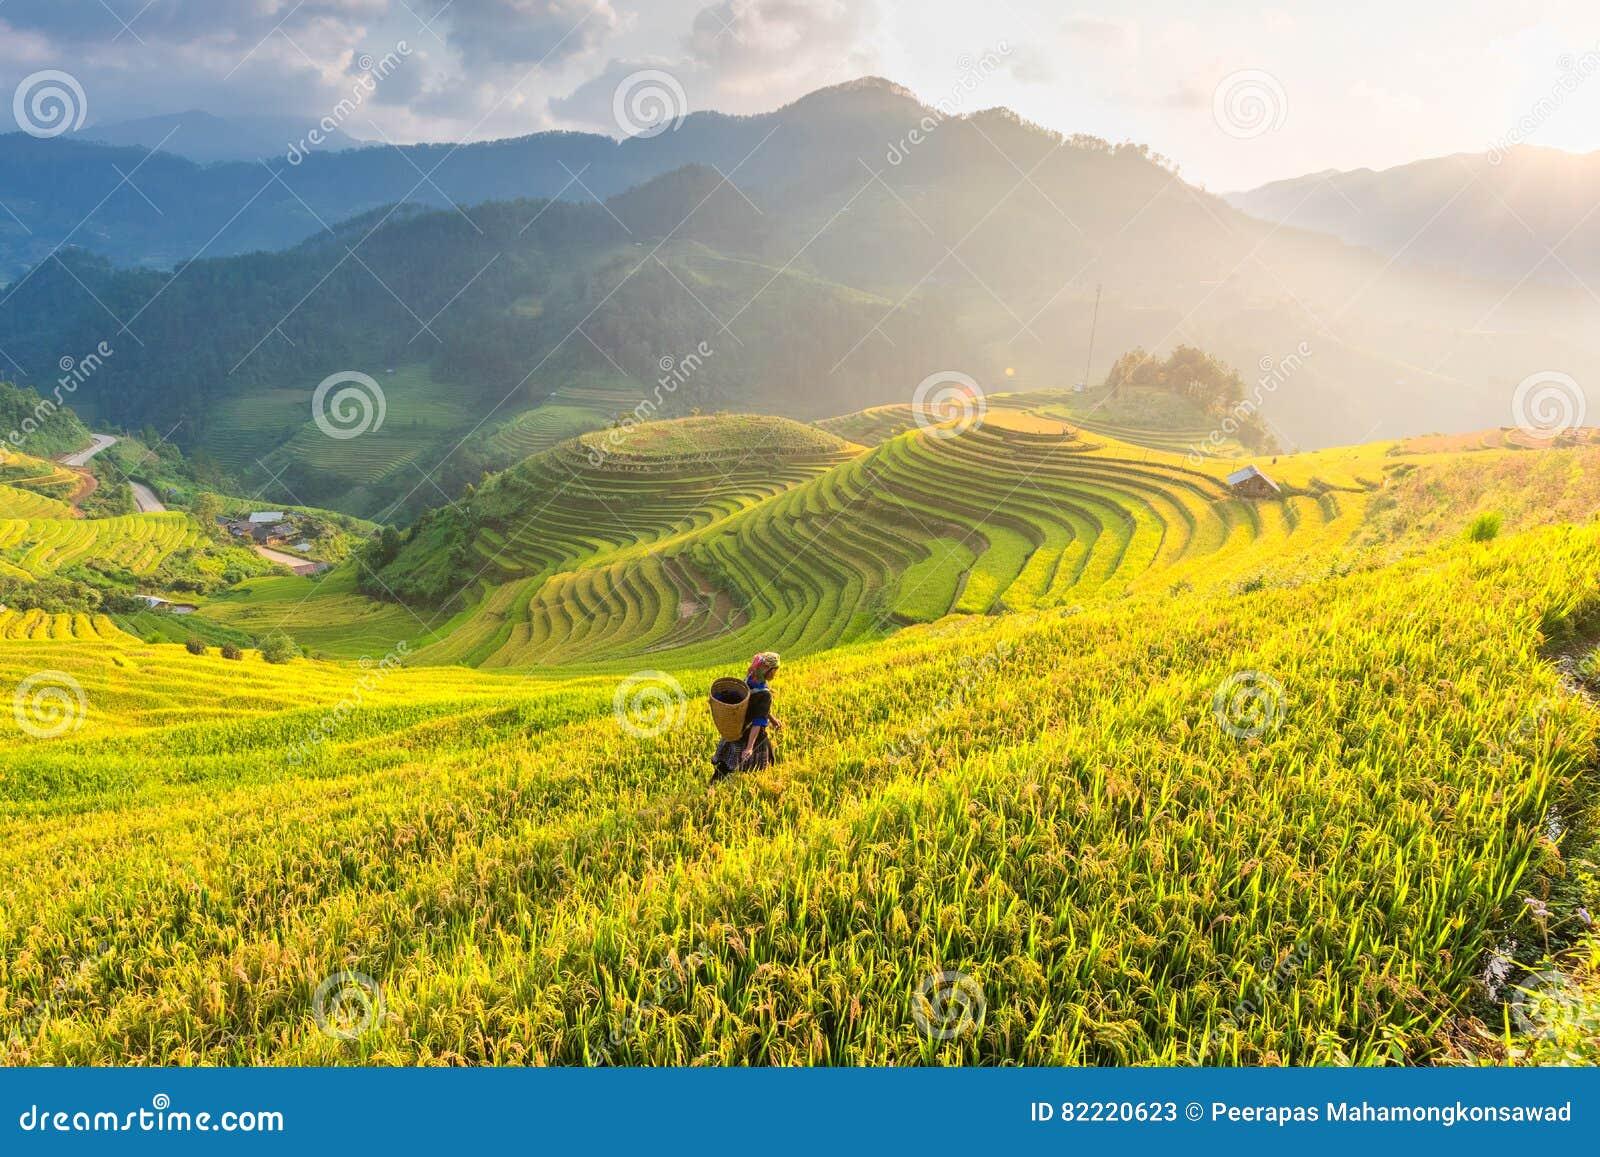 Landwirt auf den Reisgebieten auf terassenförmig angelegtem von Vietnam Reisfelder bereiten die Ernte an Nordwest-Vietnam-Landsch